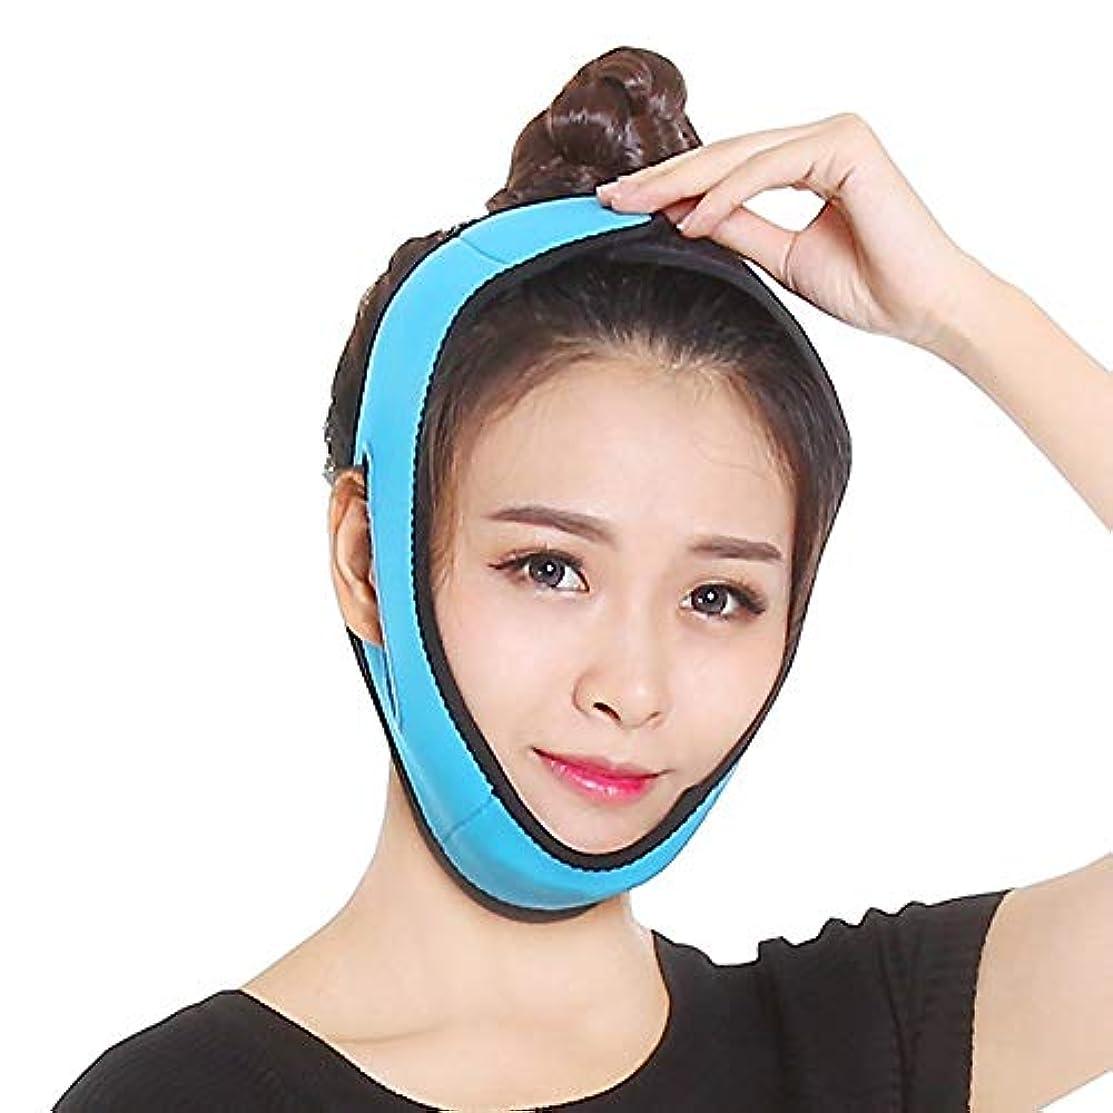 突破口絵昼食XINGZHE フェイシャルリフティングスリミングベルト - 薄いフェイス包帯二重あごデバイス無料フェイシャルマッサージ整形マスクを引き締める顔と首の顔スリム フェイスリフティングベルト